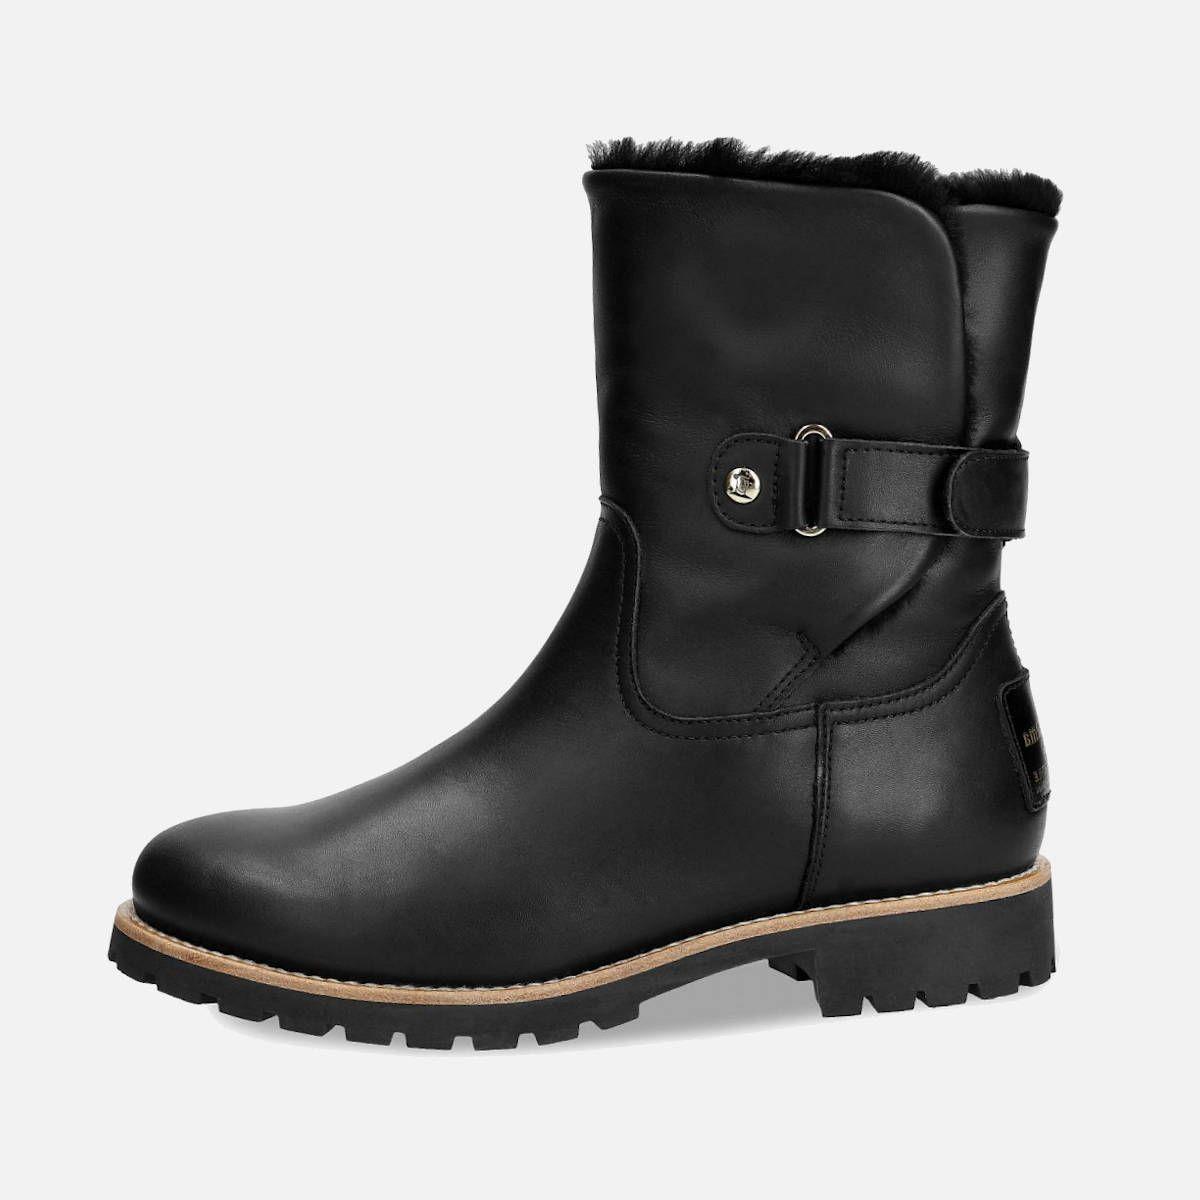 320b13ab7f8b8e Luxury black panama jack felia boots with fur lining jpg 1200x1200 Panama  jack felia boots